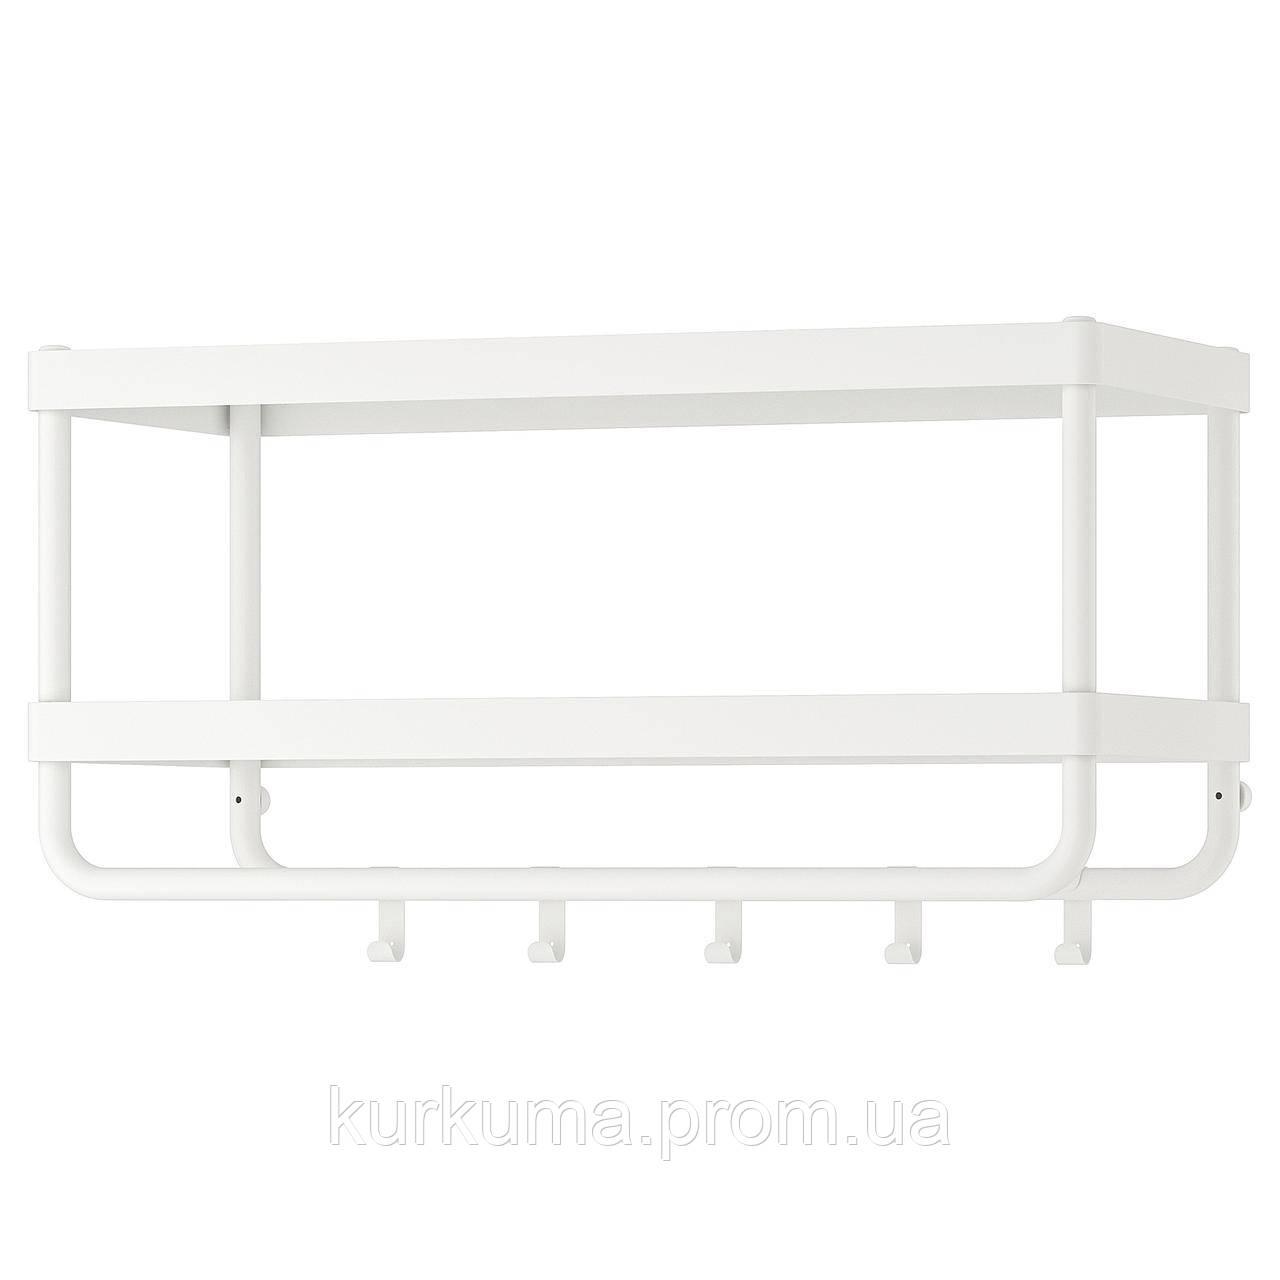 IKEA MACKAPAR Полка для головных уборов с крючками  (703.347.50)